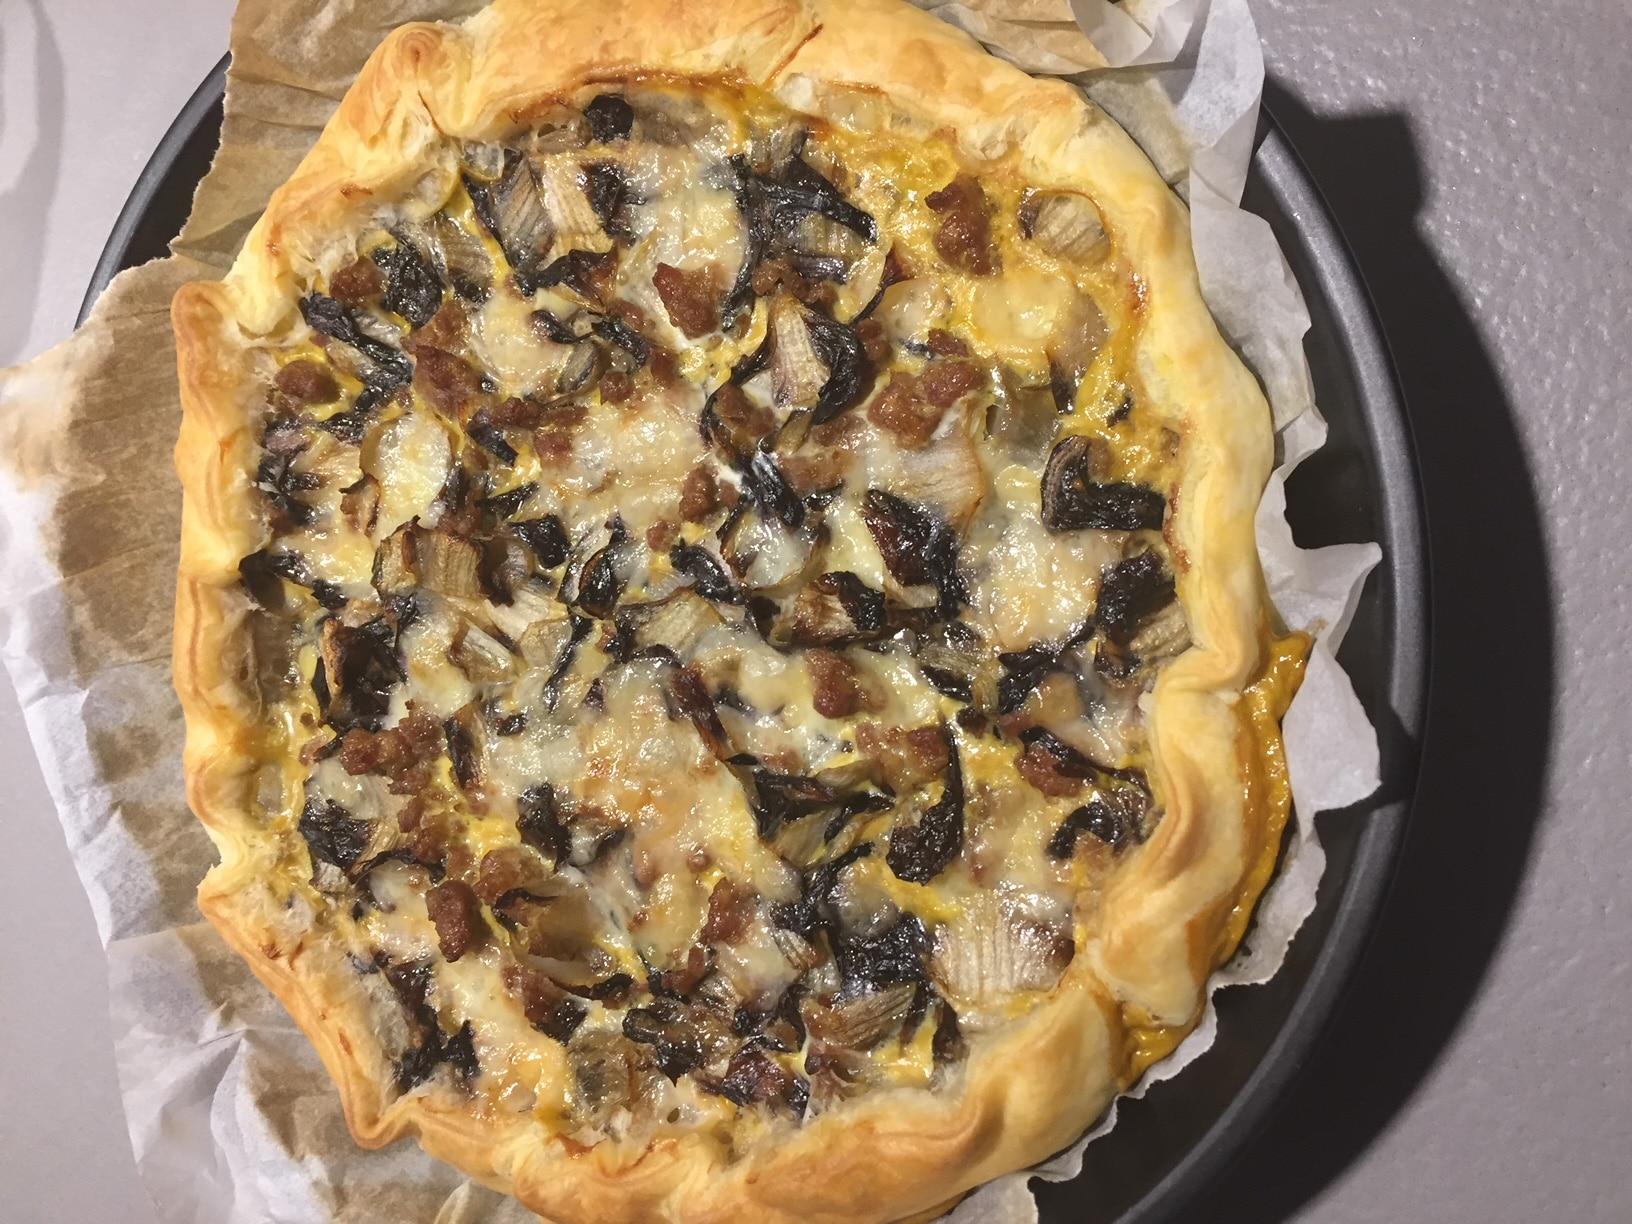 Torta sfoglia a base di di insalata trevisana, polpa di pere, gorgonzola e stracchino